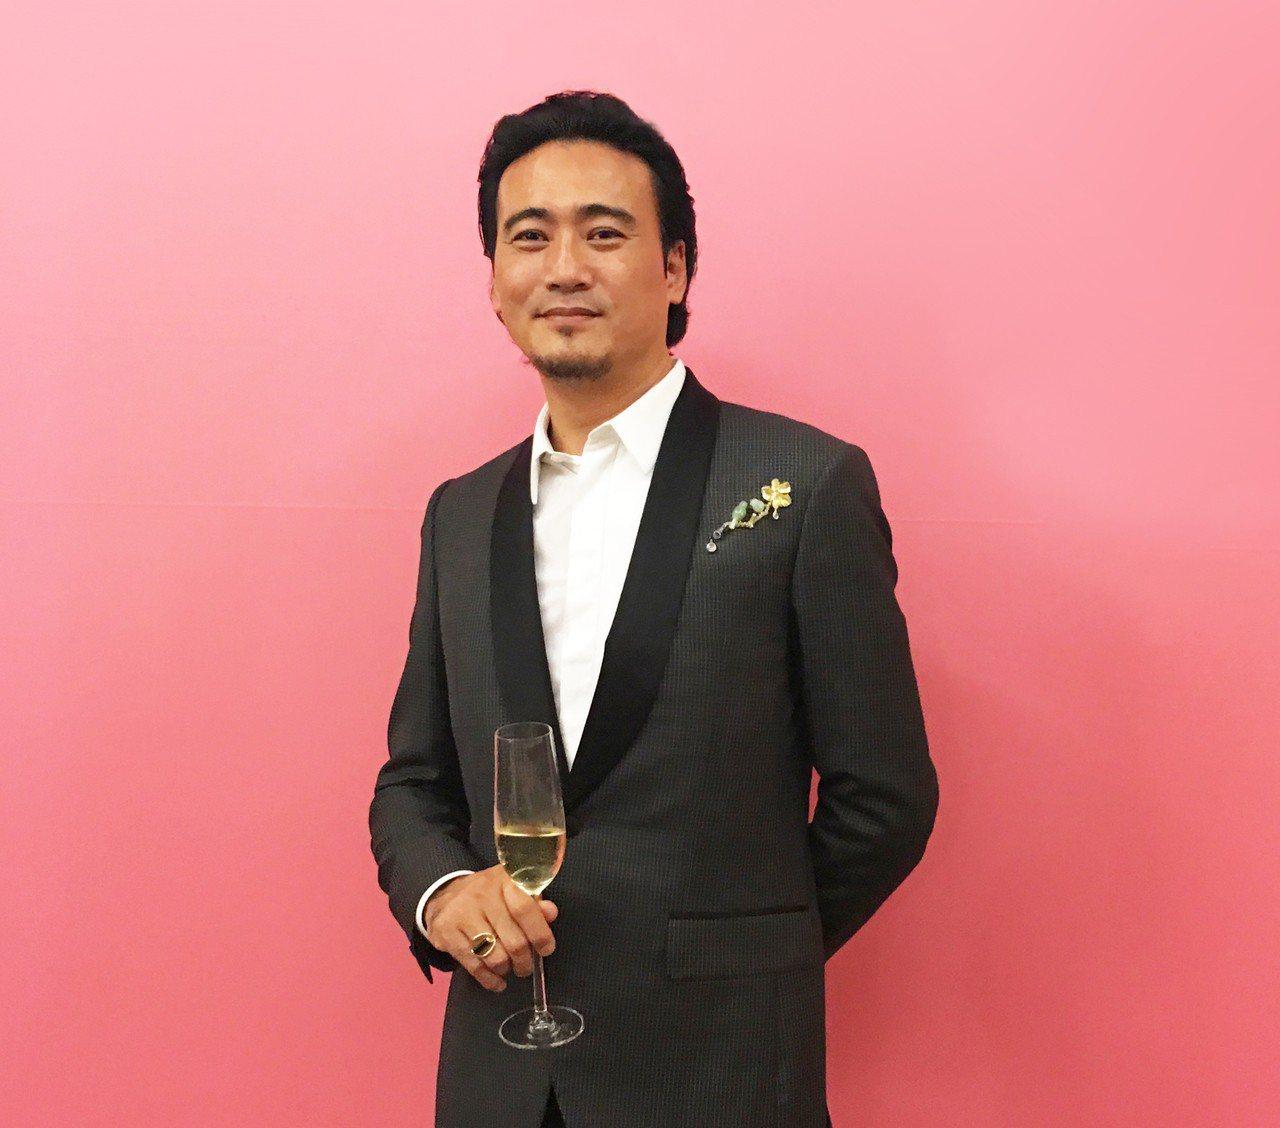 林曉同的「新玉時尚」,榮登2020年珠寶趨勢預測大典。 林曉同珠寶/提供